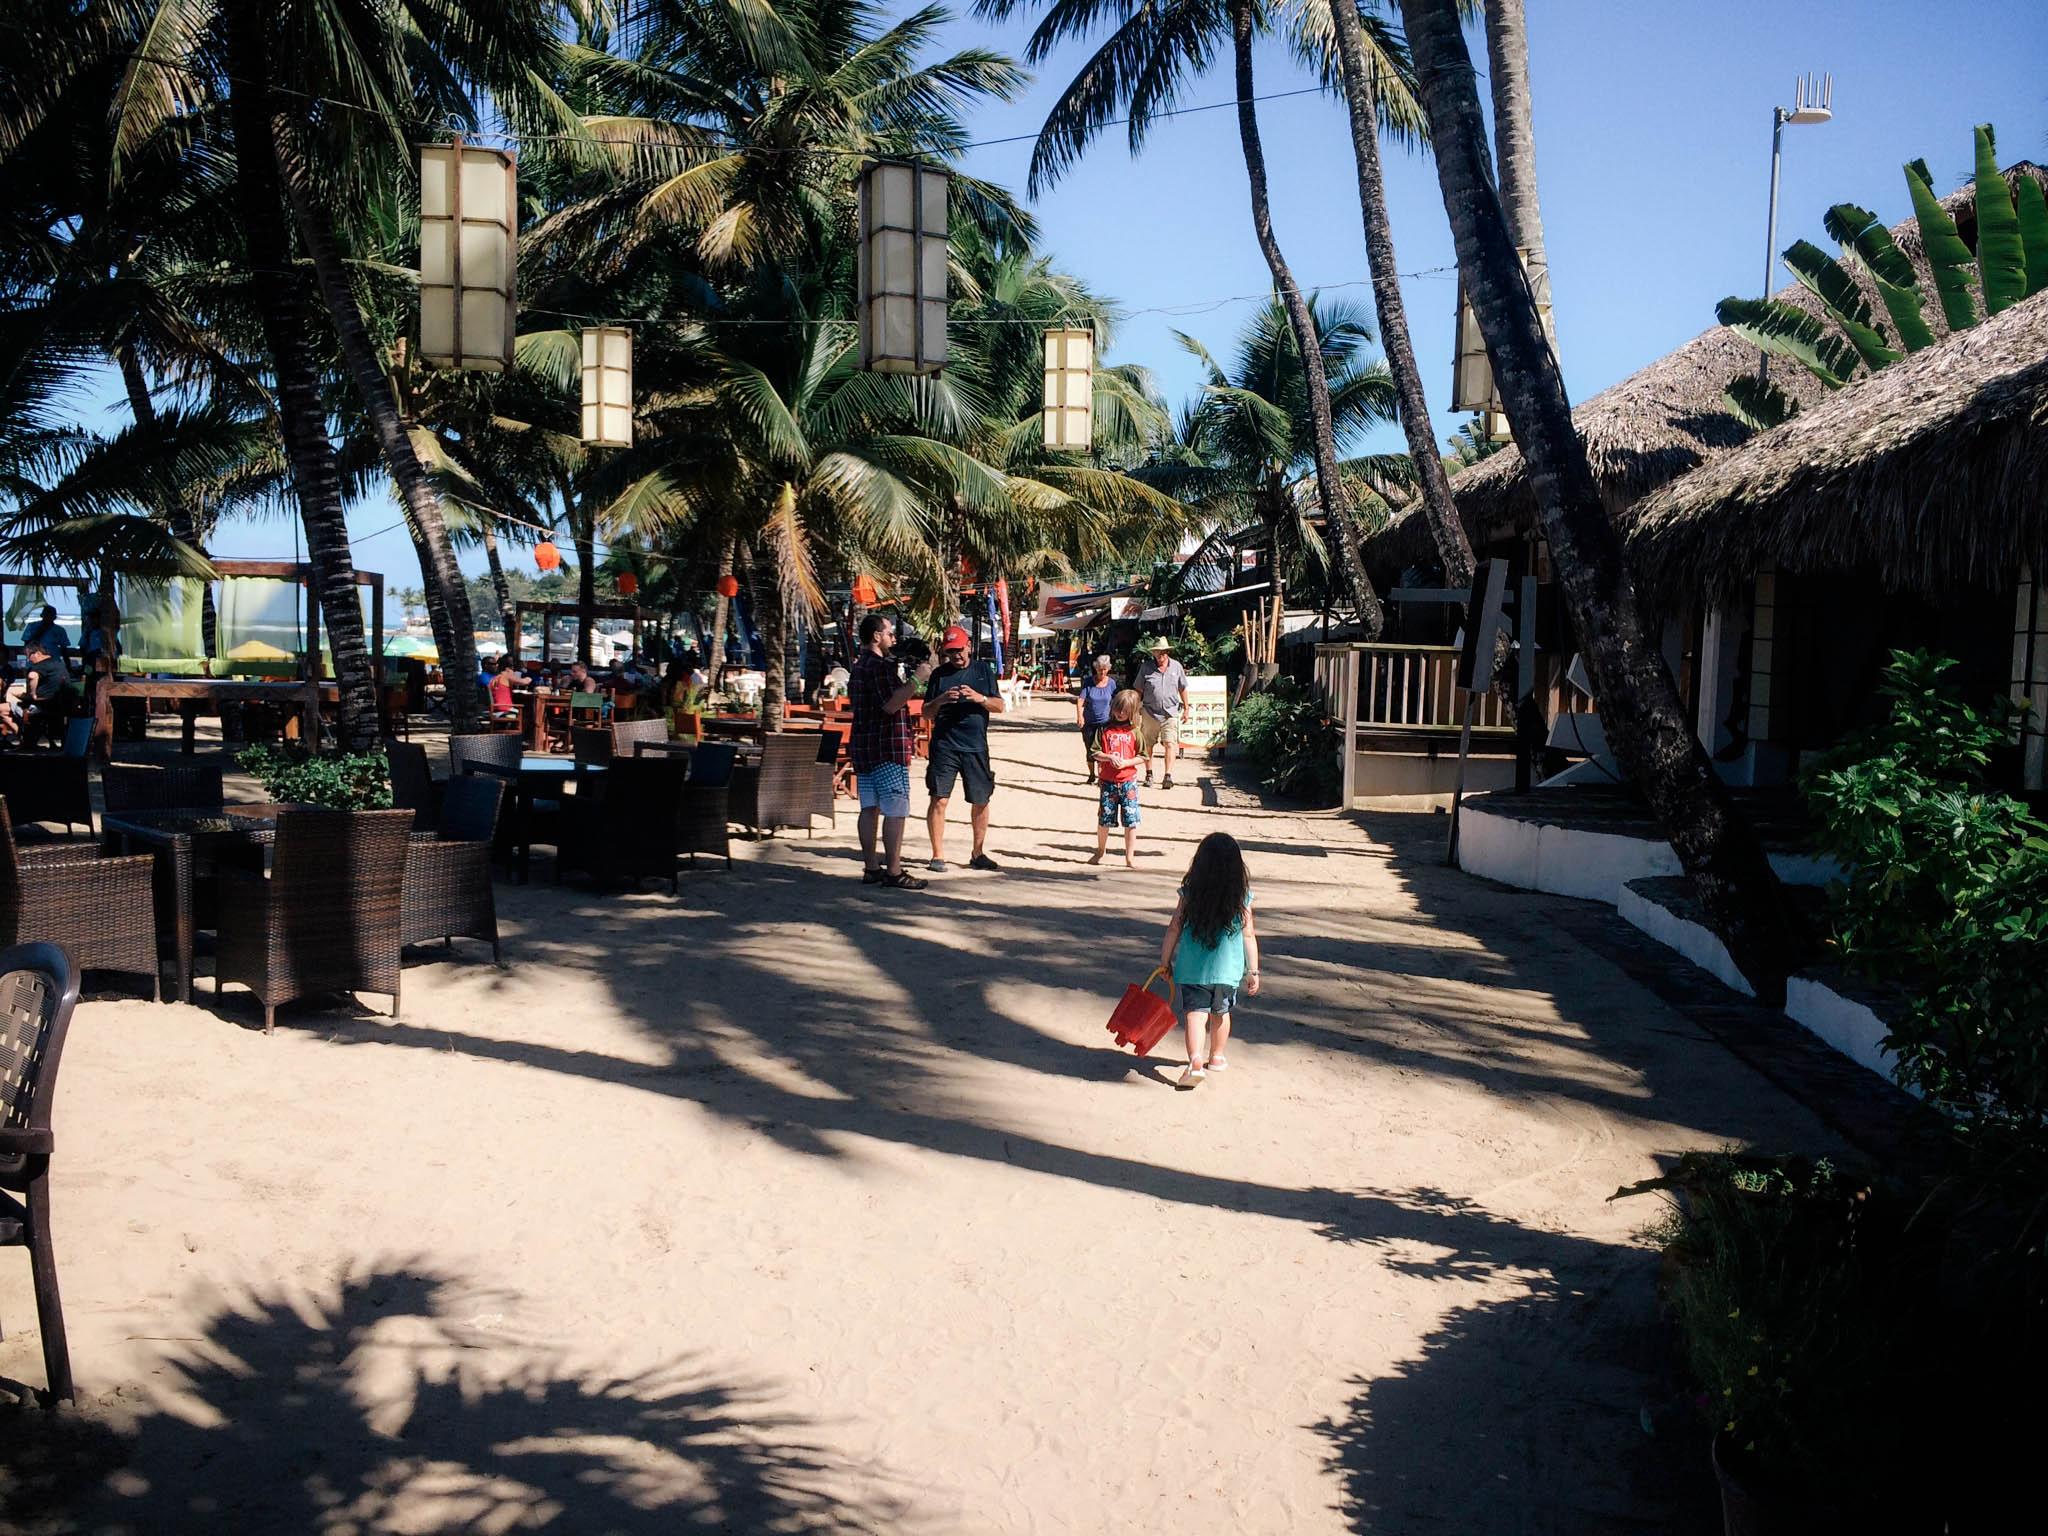 cabarete dominican republic lune blog (11 of 27).jpg